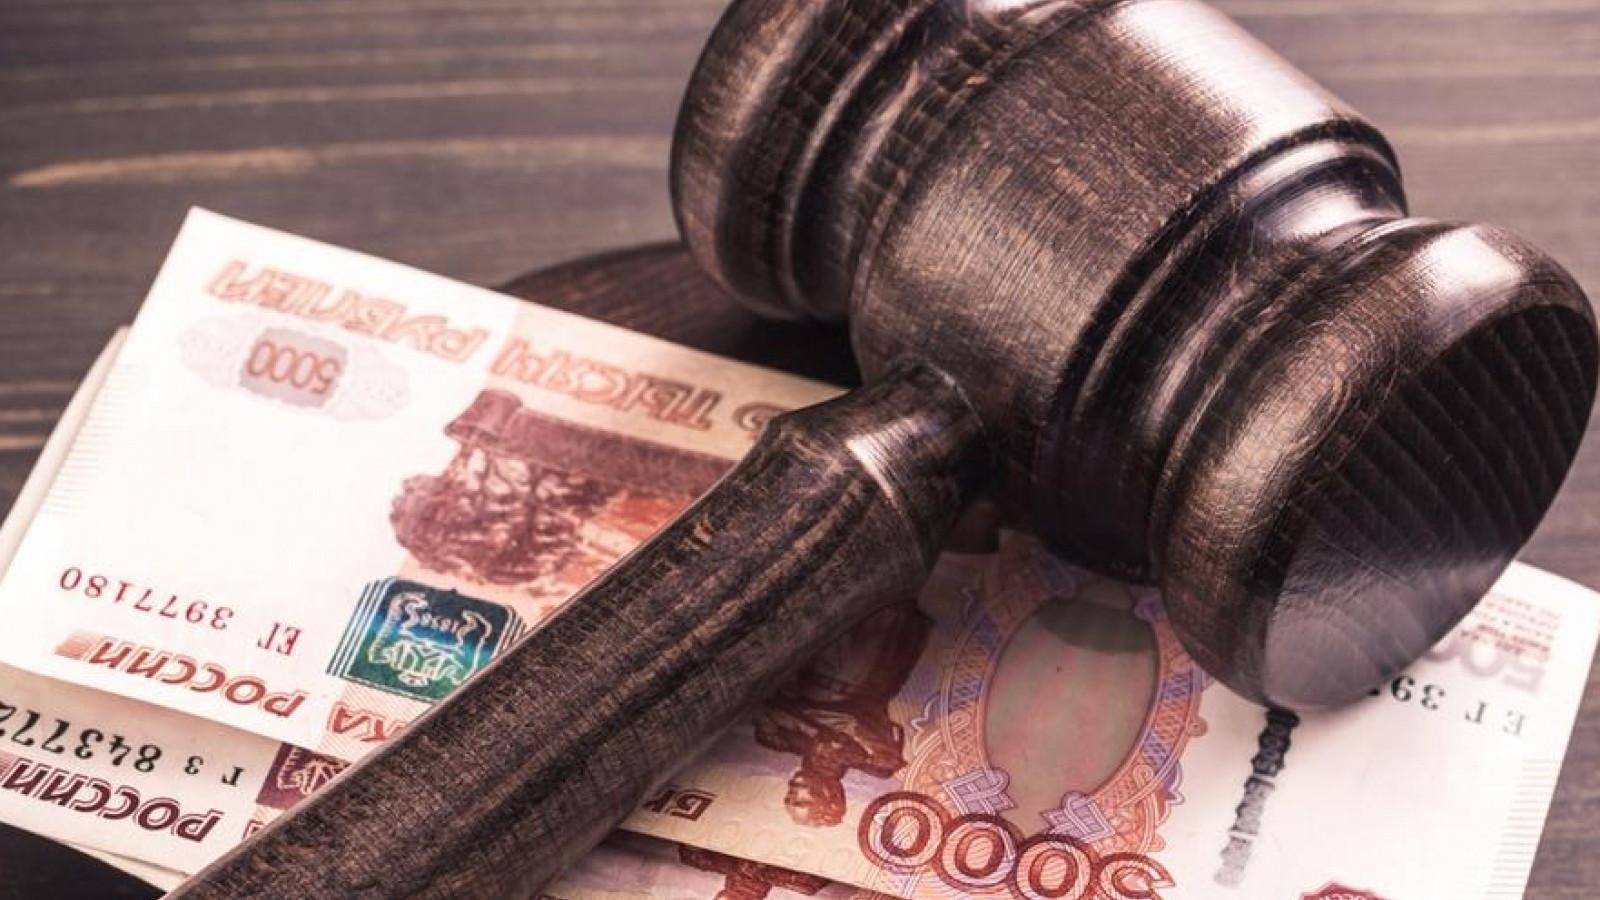 УФАС Подмосковья оштрафовало ООО «Фортуна» за участие в картельном сговоре